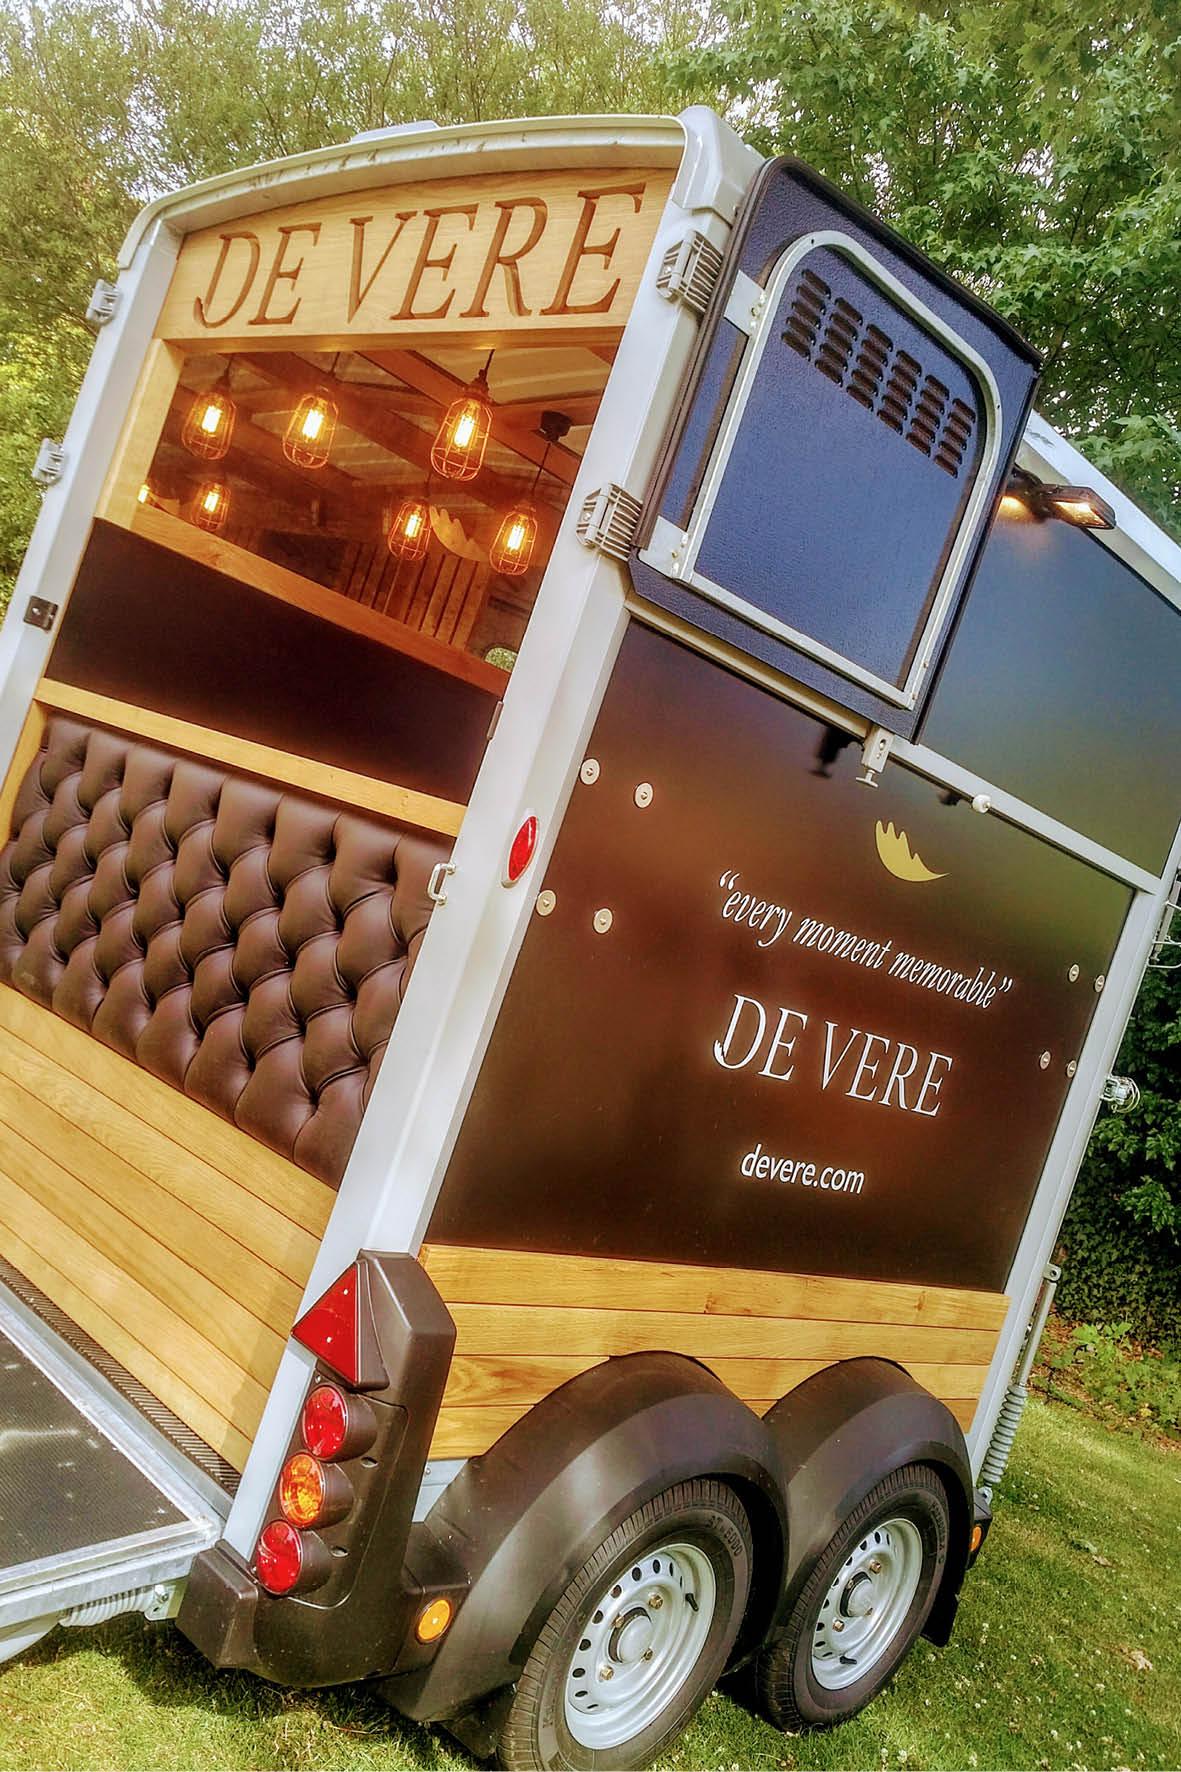 bus_business_devere_portrait_3.jpg